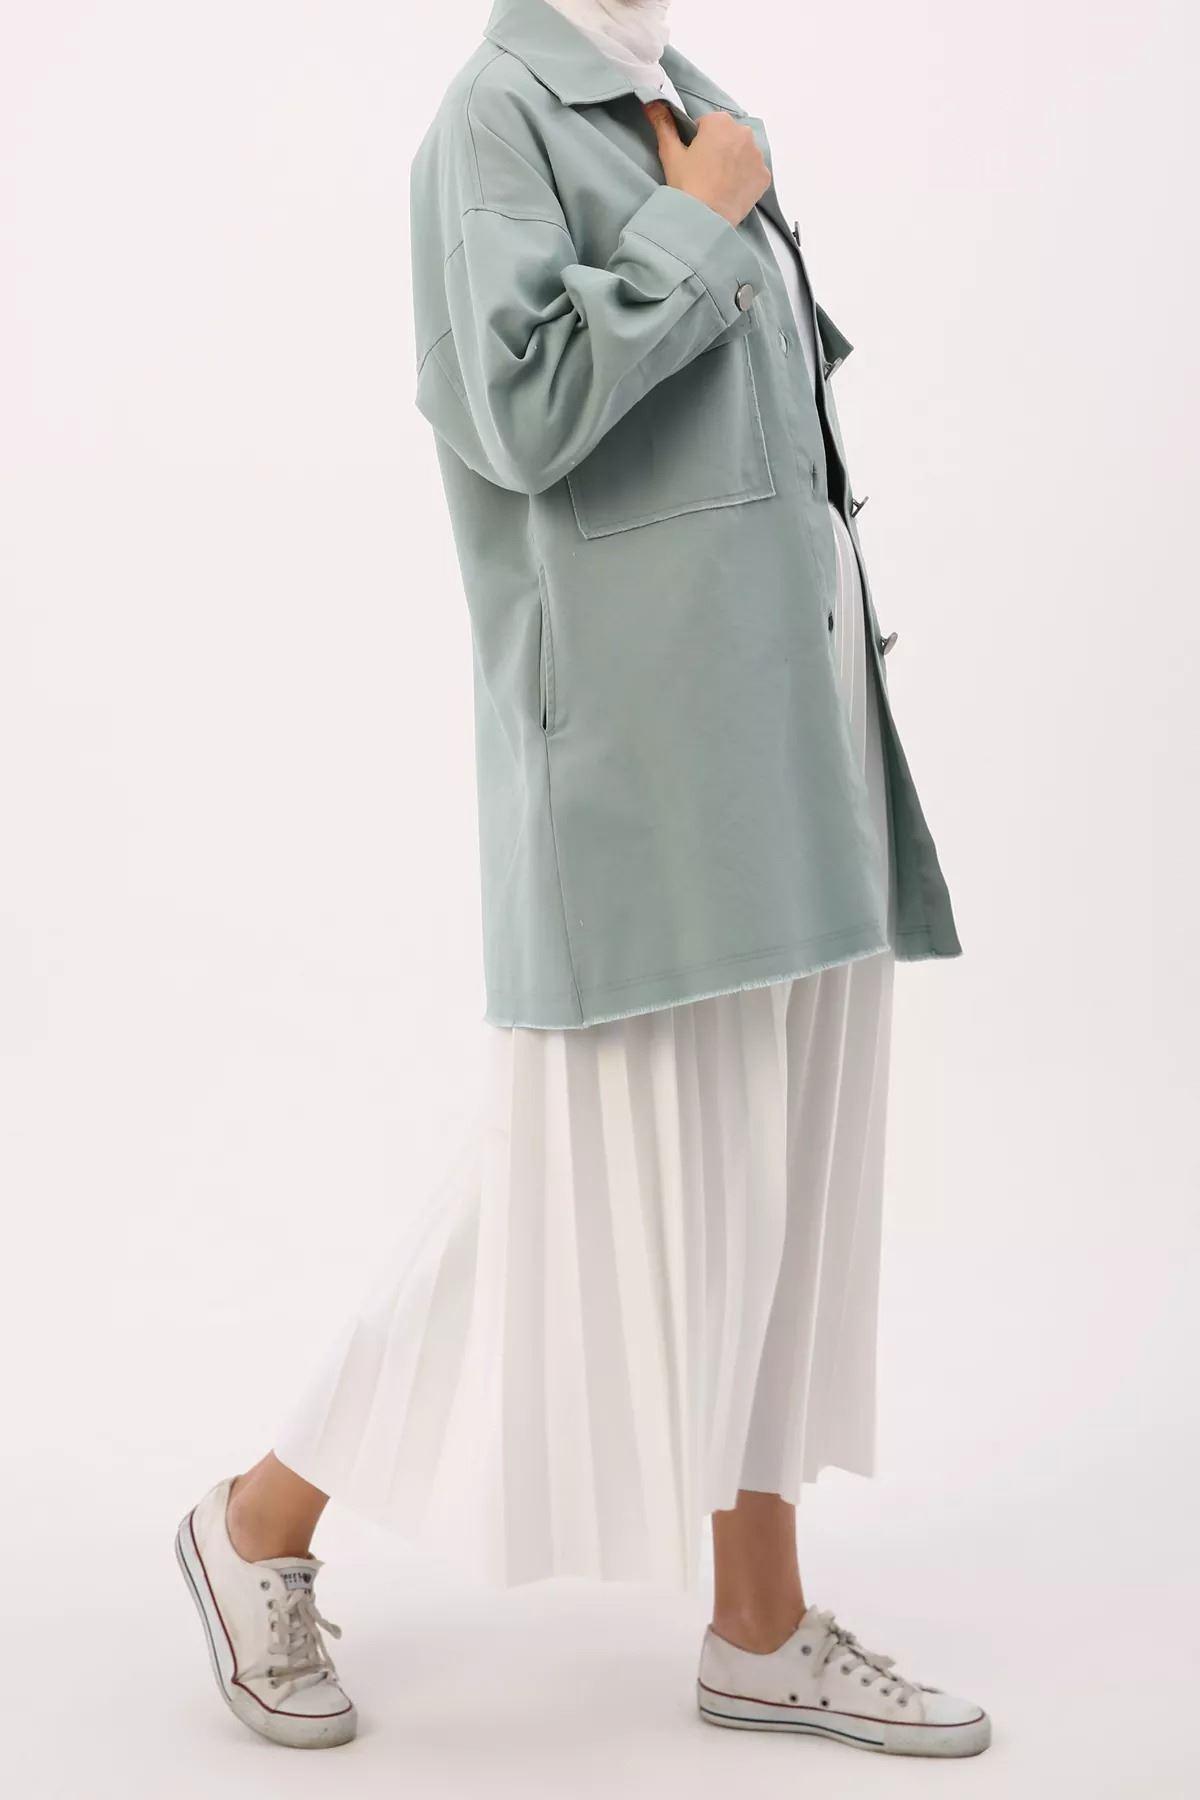 Kadın Ceket - Mint Yeşili